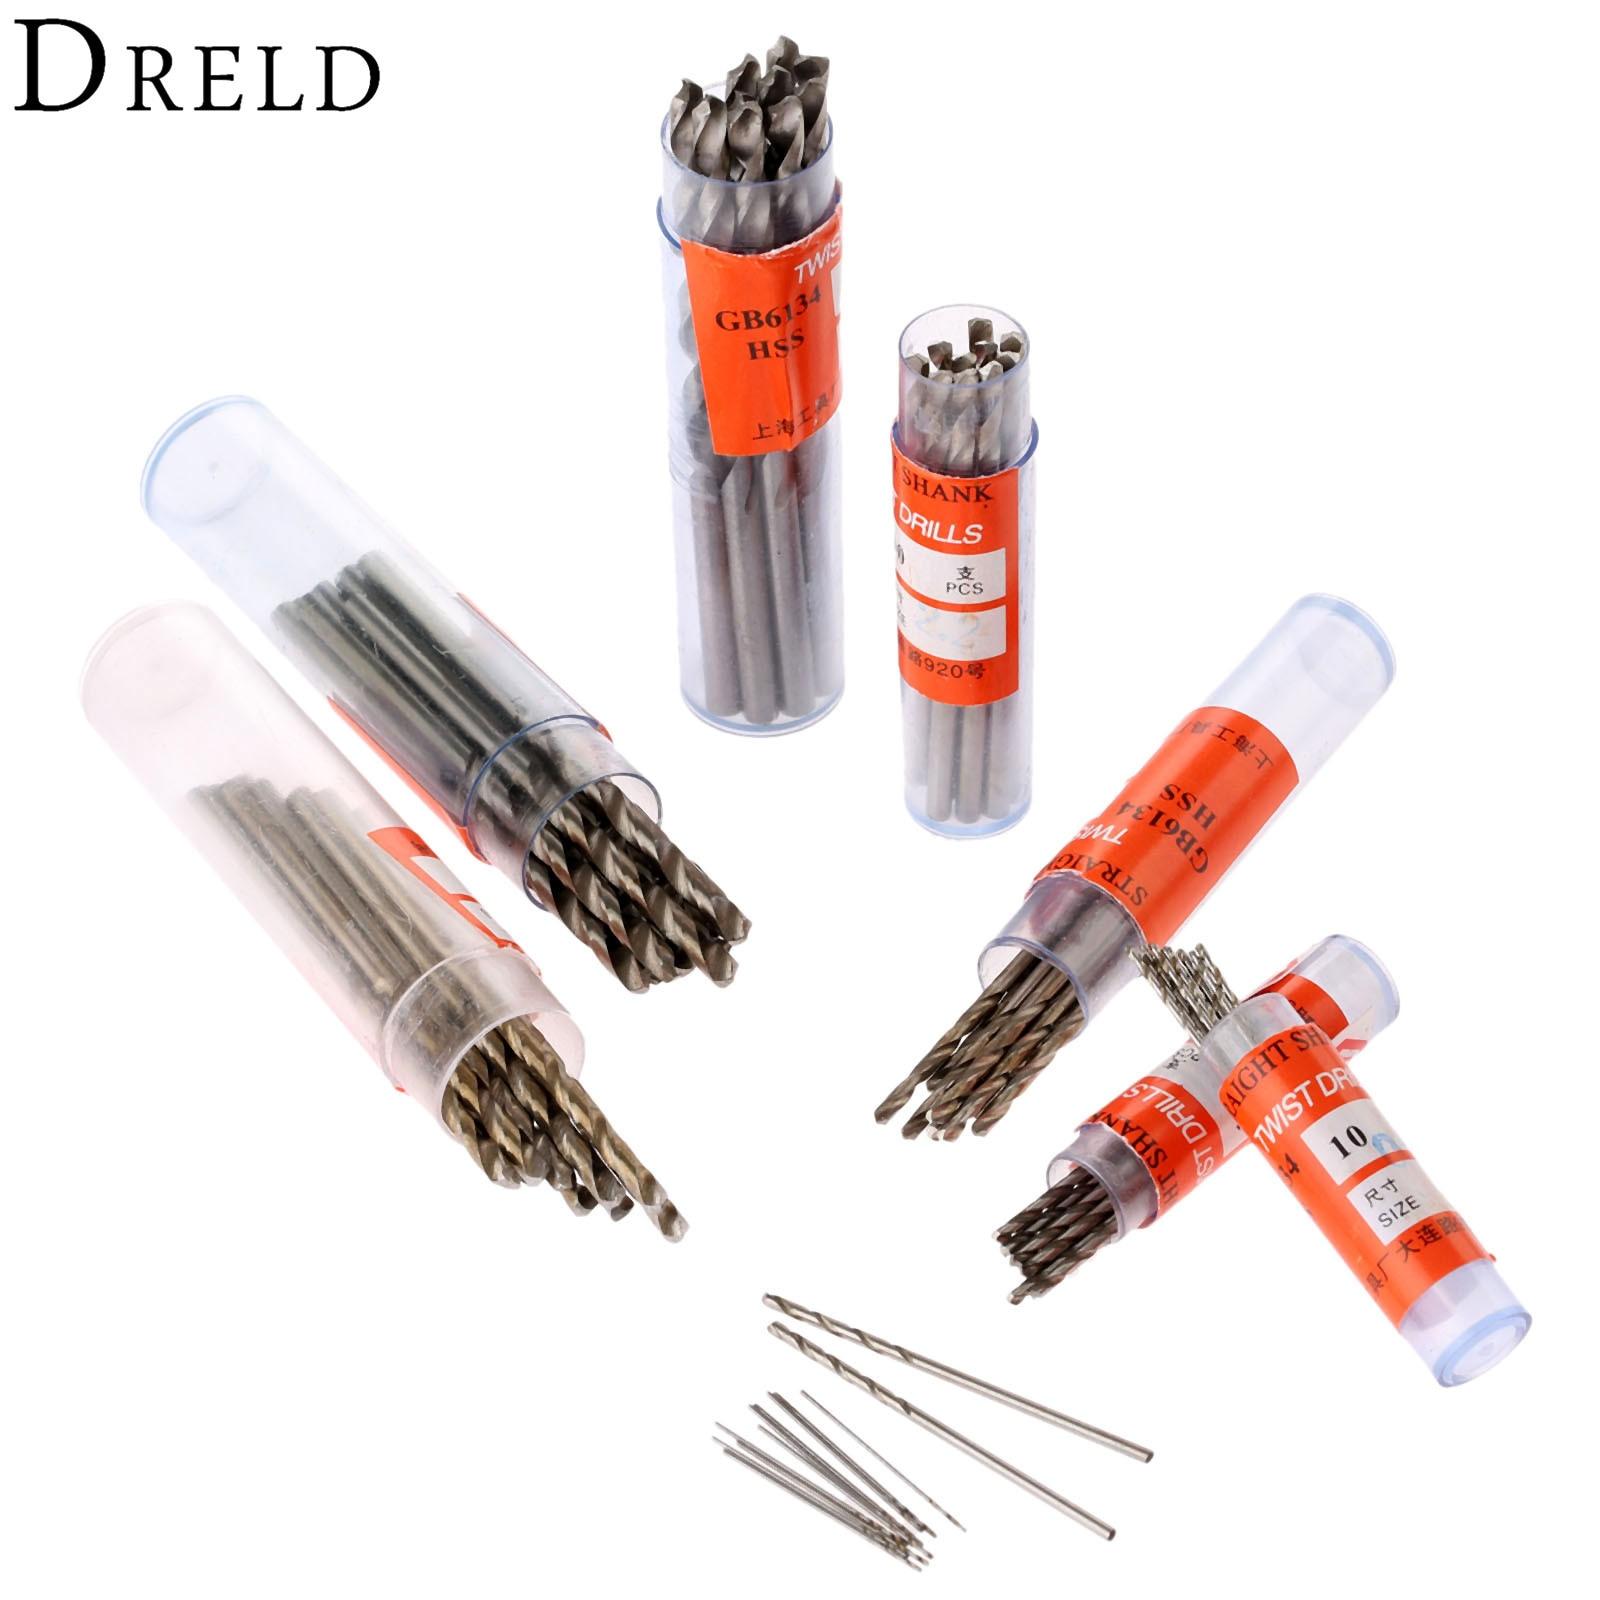 10Pcs Electric Woodworking Tools Twist Drill Bits HSS Drill Bit Micro Straight Shank Wood Drilling 0.5mm-3.5mm For Wood Aluminum